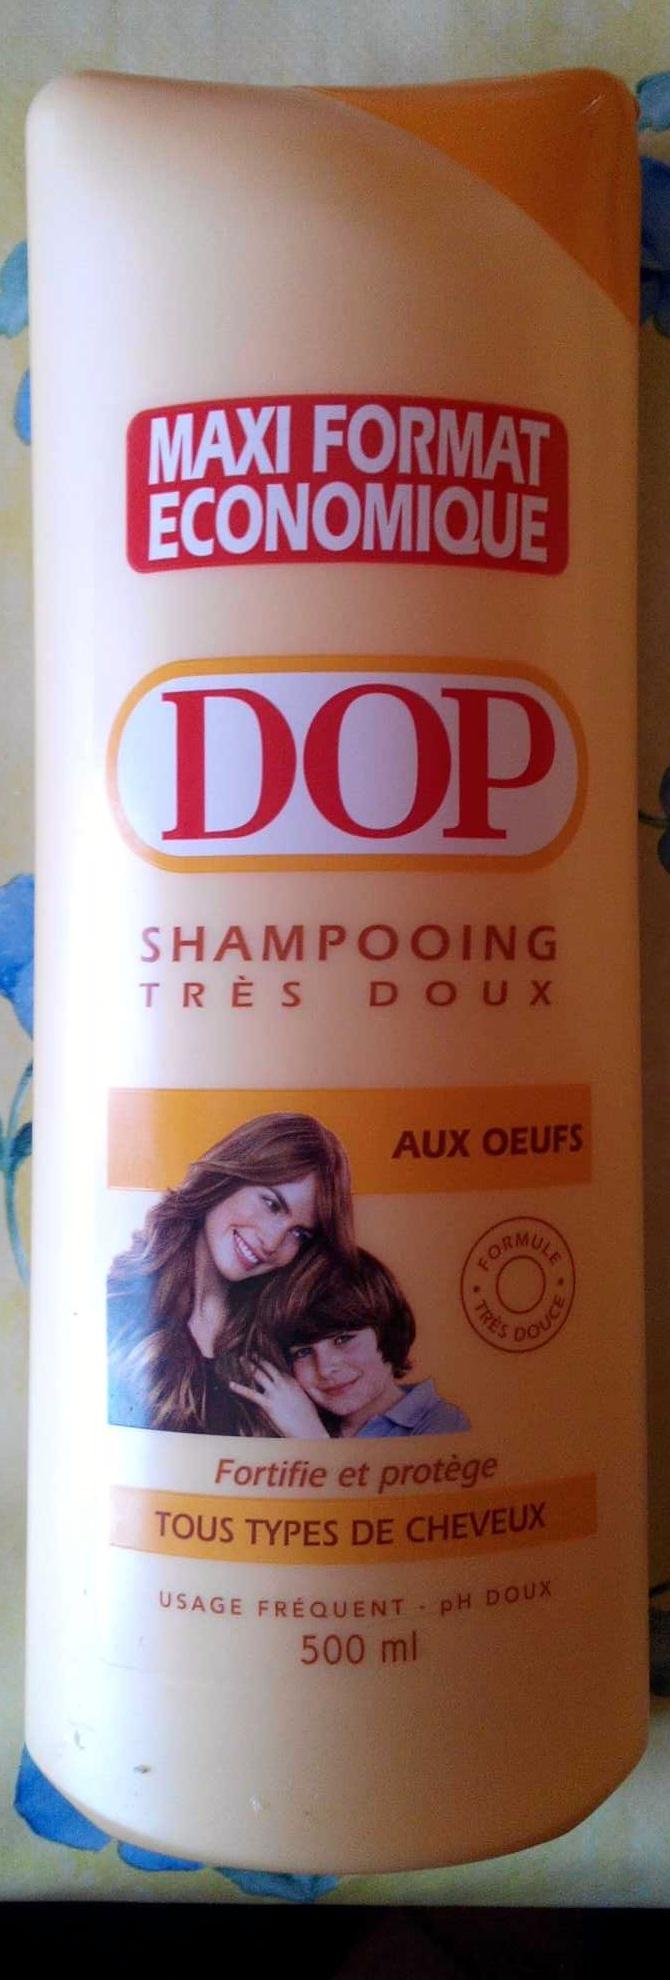 Shampooing très doux aux œufs - Product - fr